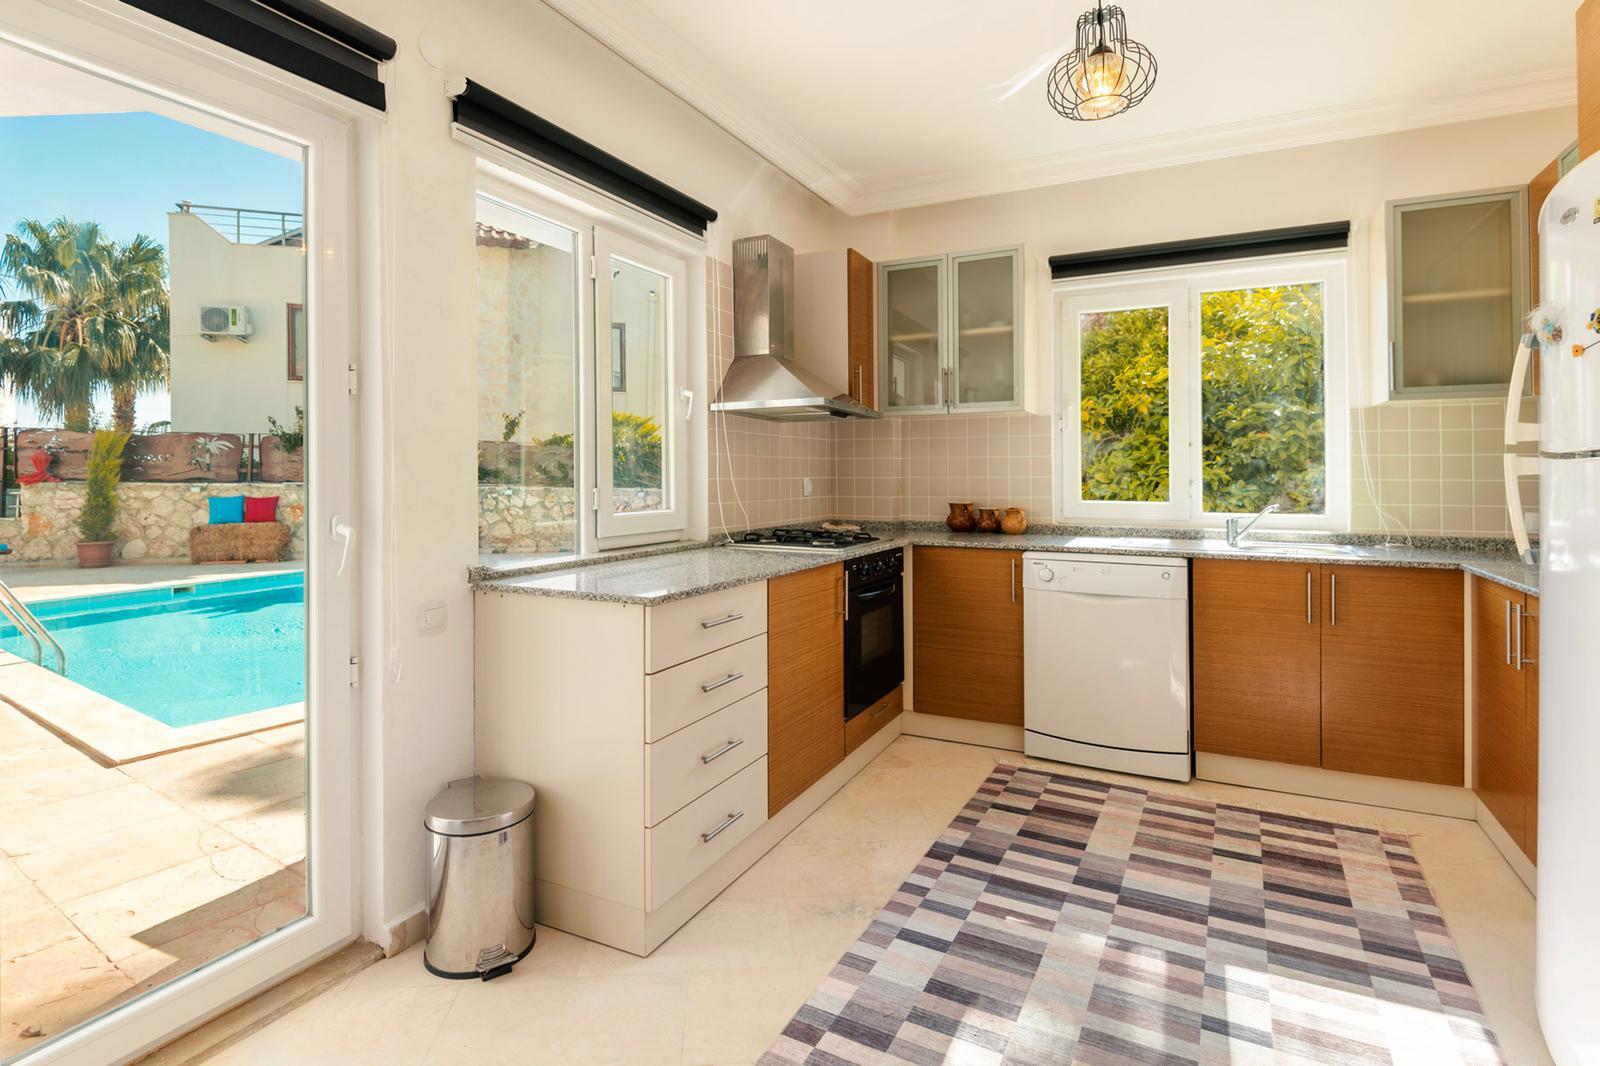 V838 kitchen